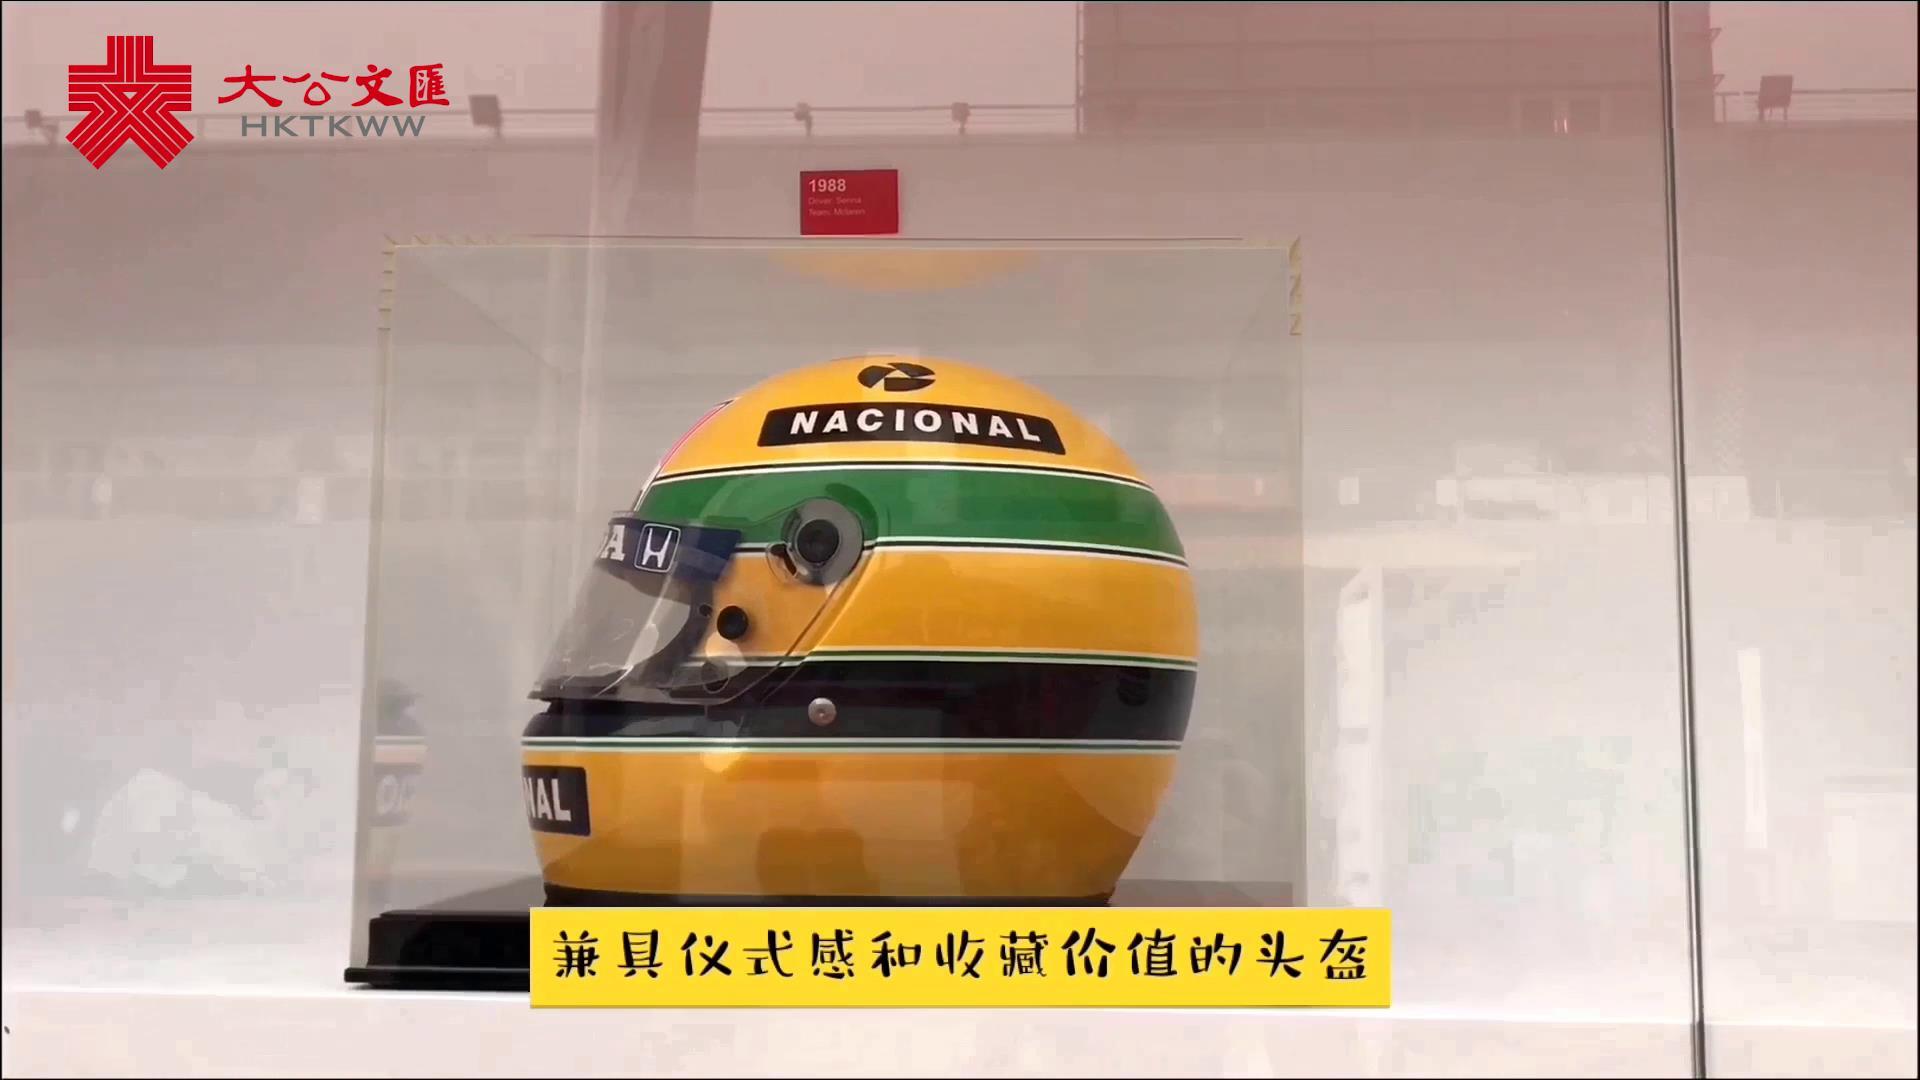 第一千場F1周日滬上開跑 特別展覽引爆粉絲熱情